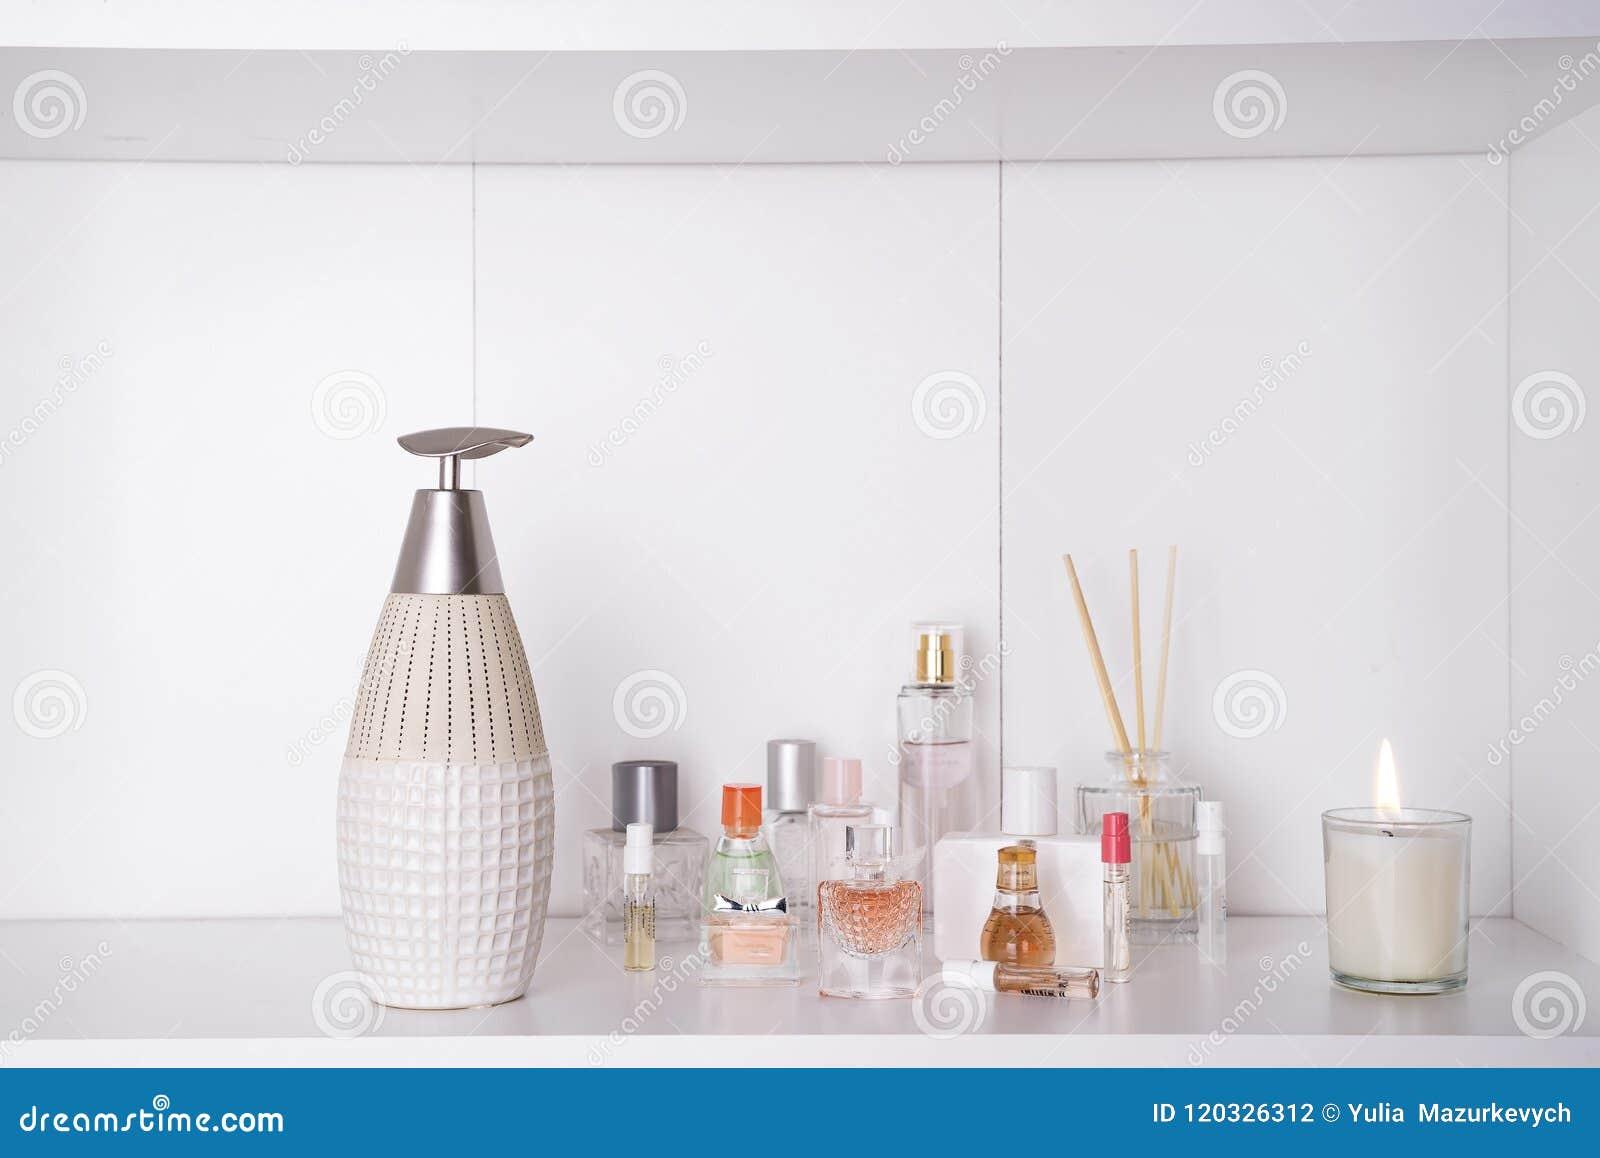 Set of various woman perfumes o white background. Aromatherapy SPA set